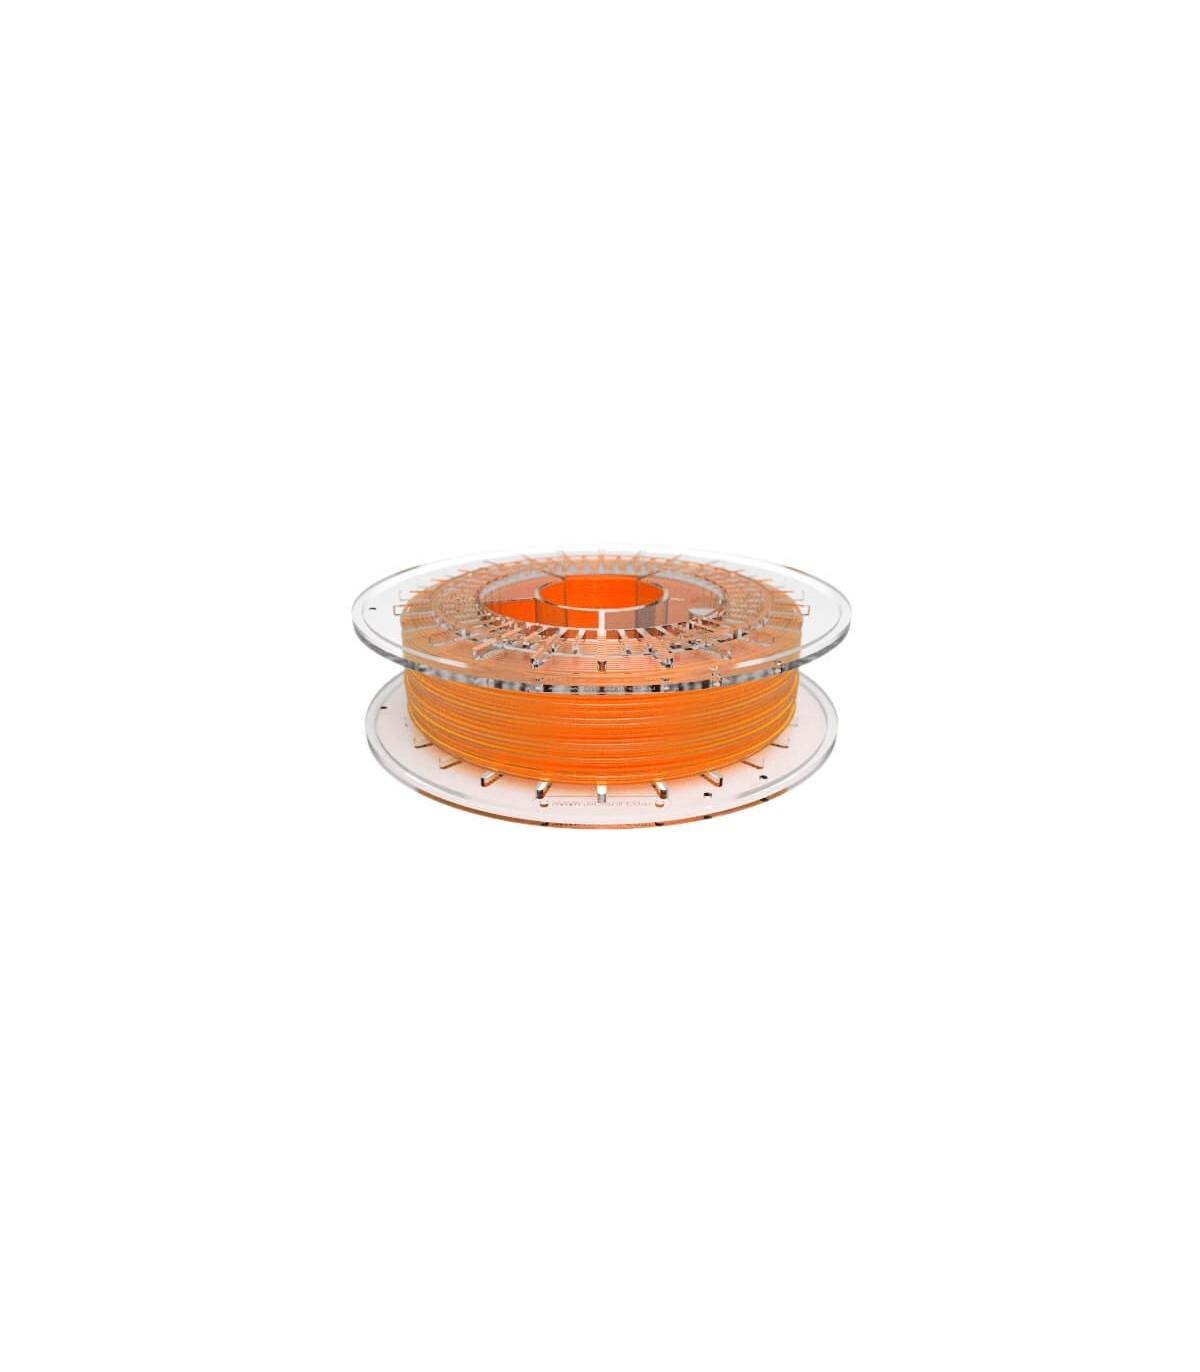 FilaFlex Clear orange 82A TPE Filament 2.85 mm 500g